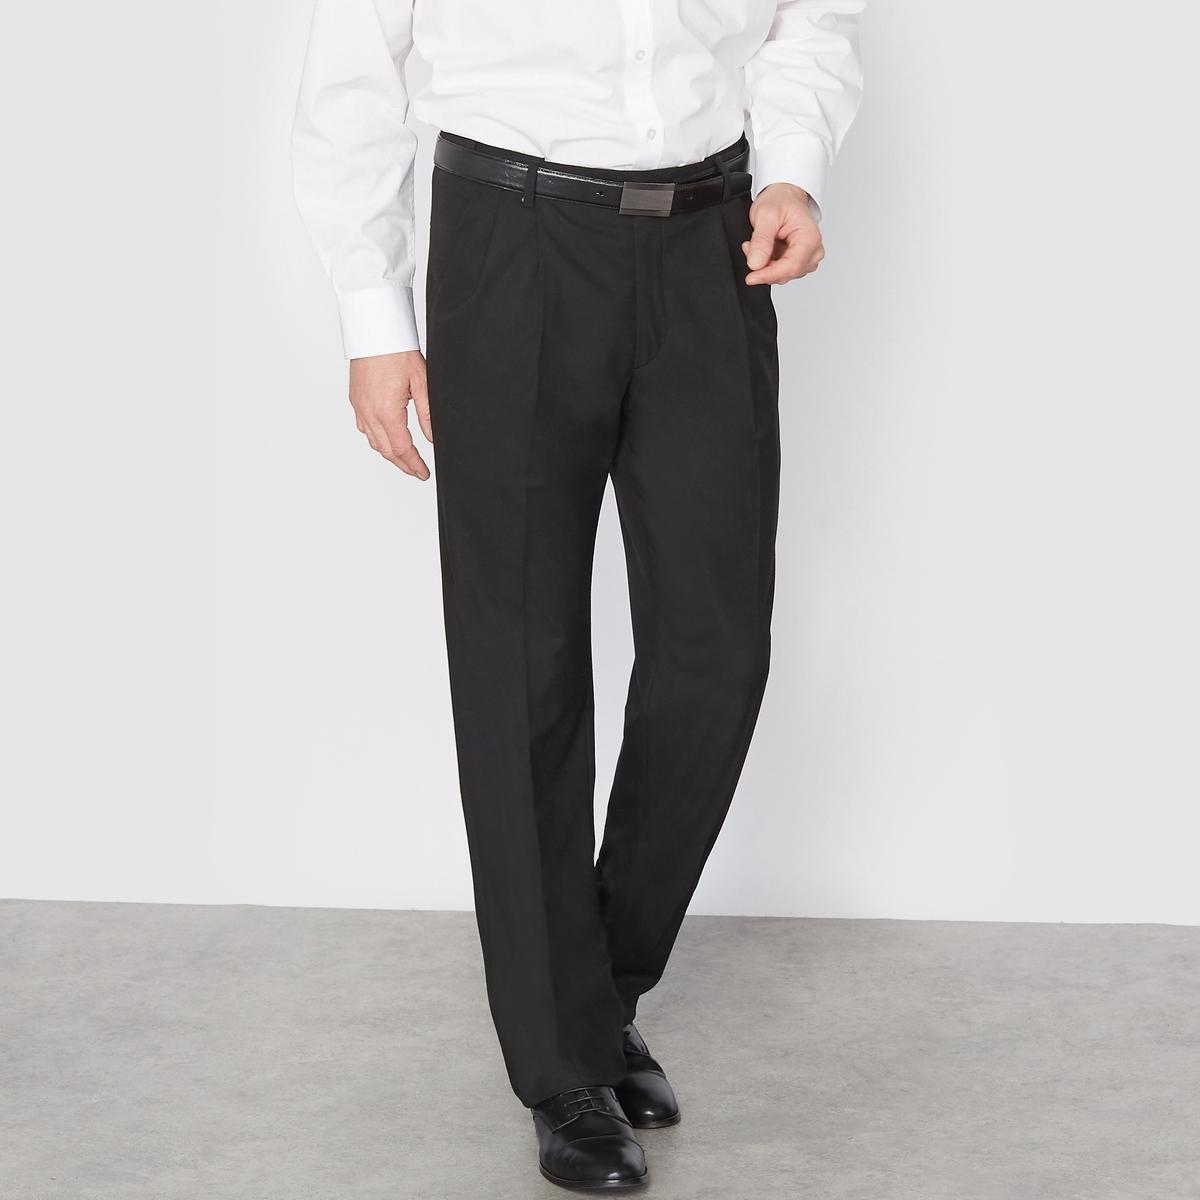 Брюки от костюма с защипами из ткани стретч, длина. 2Брюки можно носить с пиджаком, для создания элегантного и строгого ансамбля, или отдельно.Высококачественная слегка эластичная ткань, 62% полиэстера, 33% вискозы, 5% эластана. Подкладка 100% полиэстер.Длина 2 : при росте от 187 см. Пояс с потайной регулировкой для максимального комфорта и адаптации к любому обхвату талии. Застежка на молнию, пуговицу и крючок. 2 косых кармана. 1 прорезной карман с пуговицей сзади. Необработанный низ. Длина 2 : при росте от 187 см :- Длина по внутр.шву : 91,8-94,8 см, в зависимости от размера. - Ширина по низу : 21,9-27,9 см, в зависимости от размера. Есть также модель длины 1 : при росте до 187 см. Есть также модель без защипов.<br><br>Цвет: антрацит,темно-синий,черный<br>Размер: 46 (FR) - 52 (RUS).48 (FR) - 54 (RUS).56.60.62.68.62